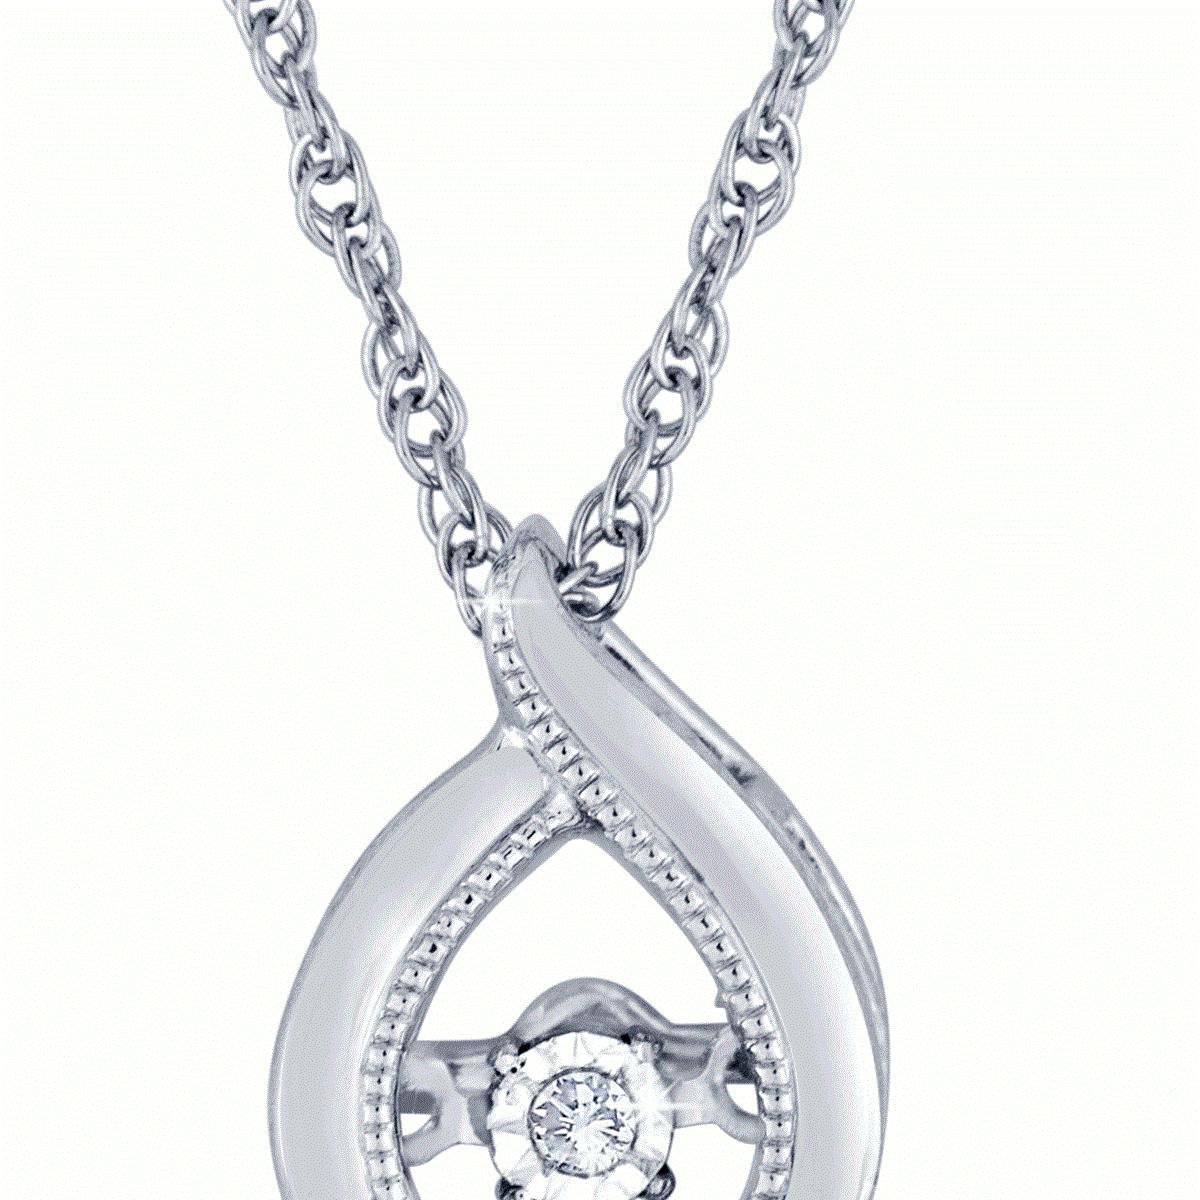 diamond pendant, diamond necklace, heartbeat, kluh jewelers